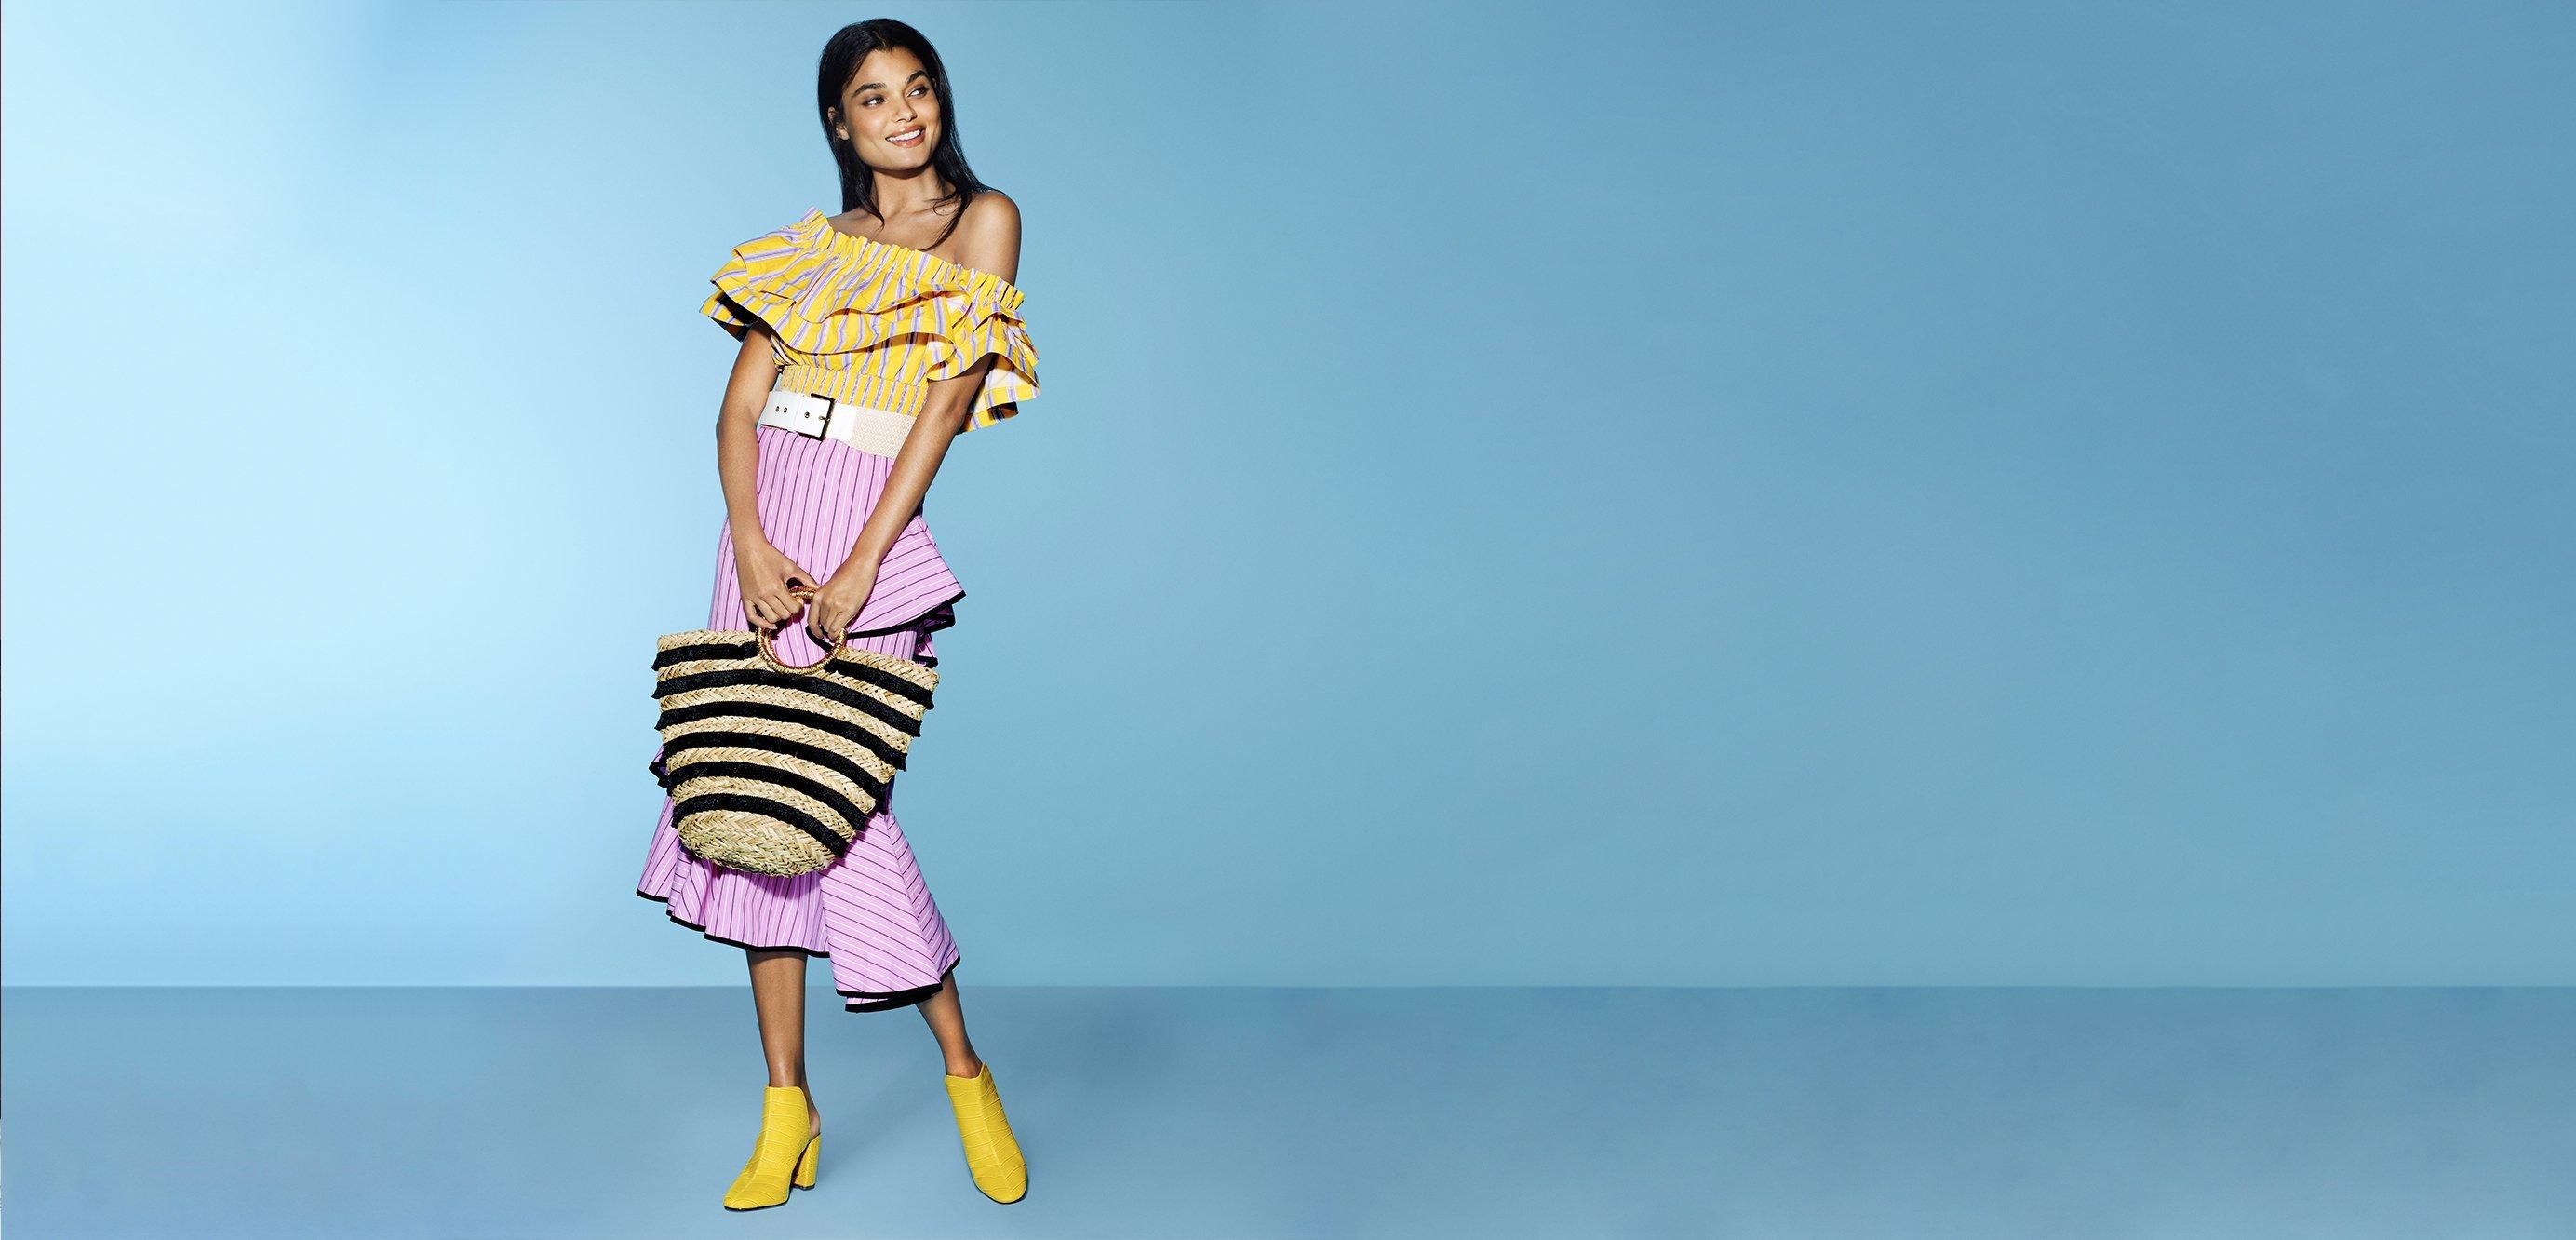 River Island - Damen - Mode Und Markenbekleidung Online - Nelly.de